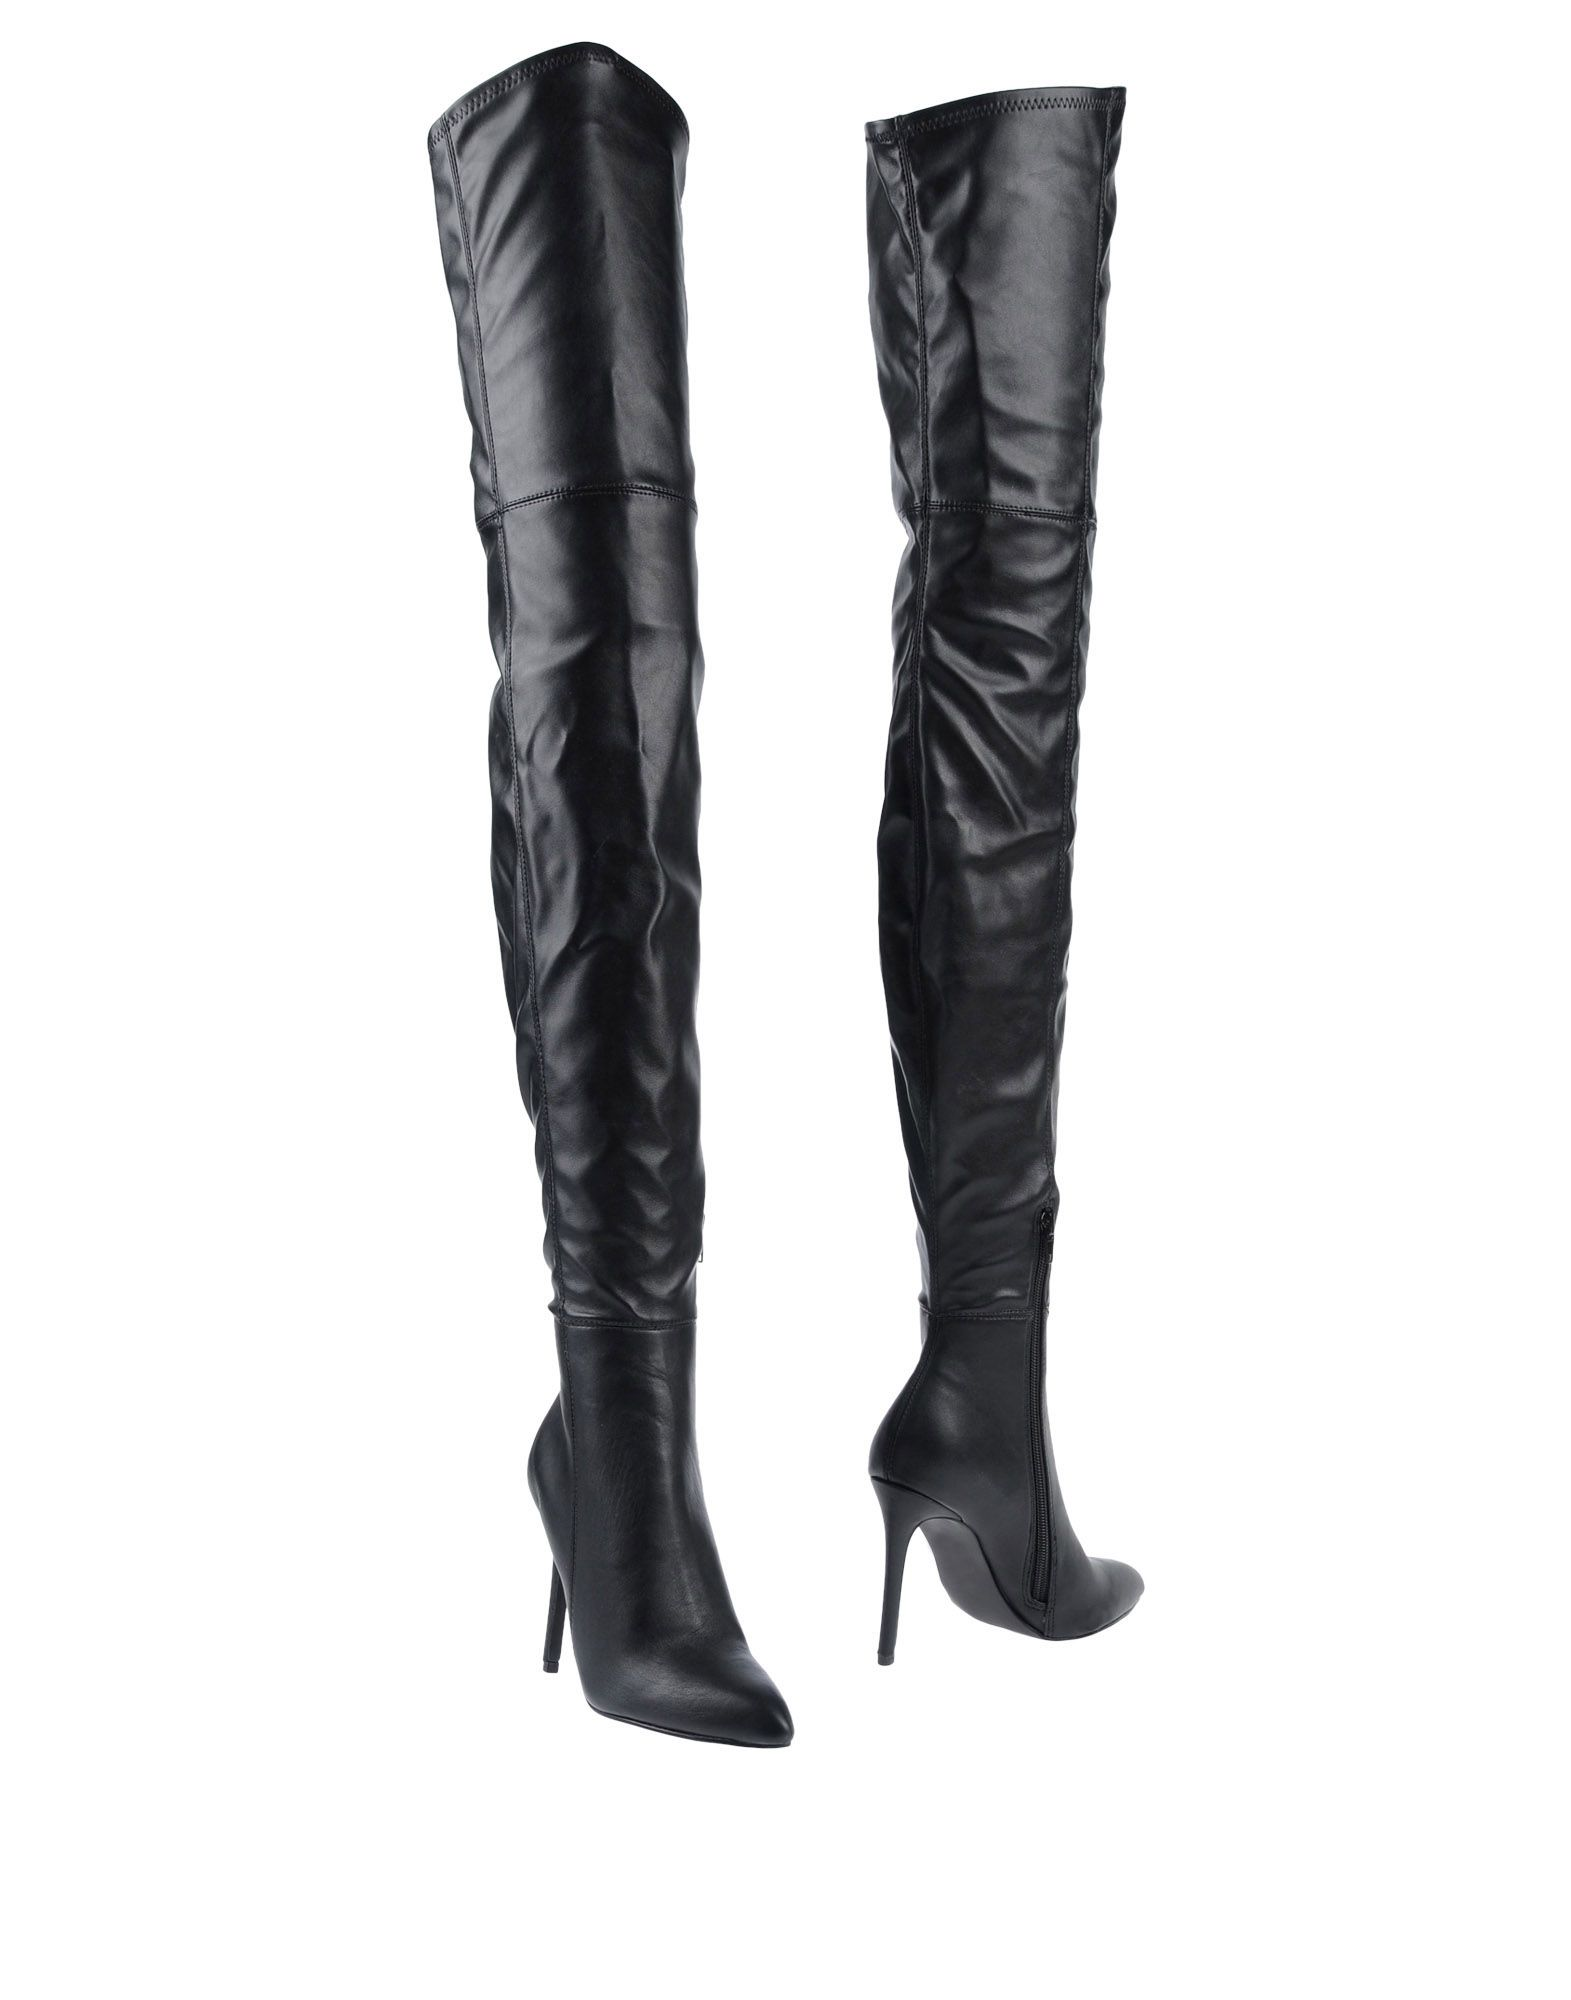 Steve Madden Stiefel Damen beliebte  11467290QN Gute Qualität beliebte Damen Schuhe b13e82